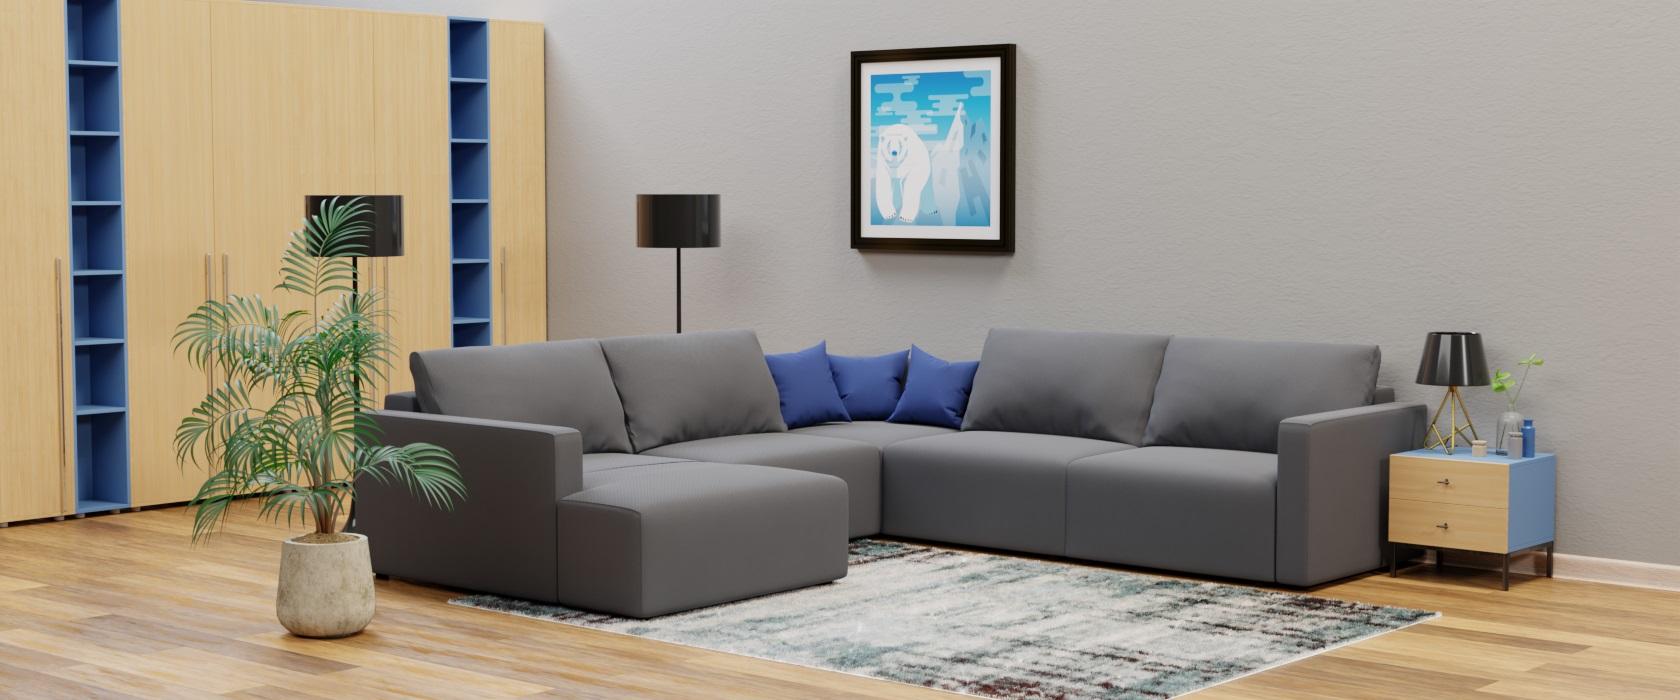 Модульный диван Greta с оттоманкой 317x317 - Фото 2 - Pufetto